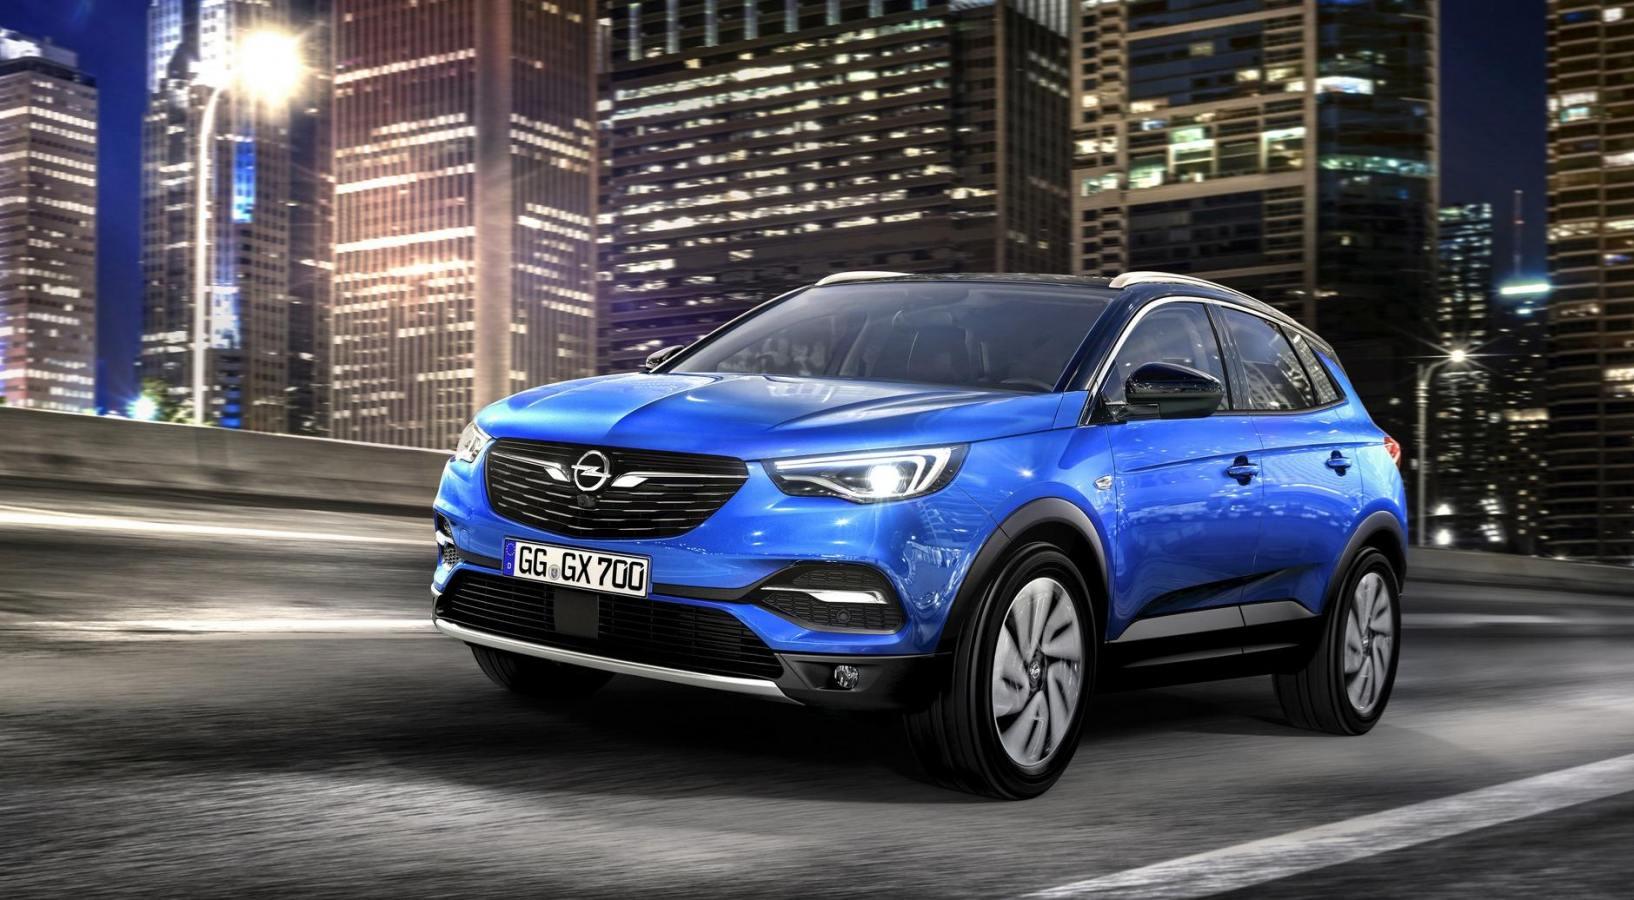 Club Opel Grandland X